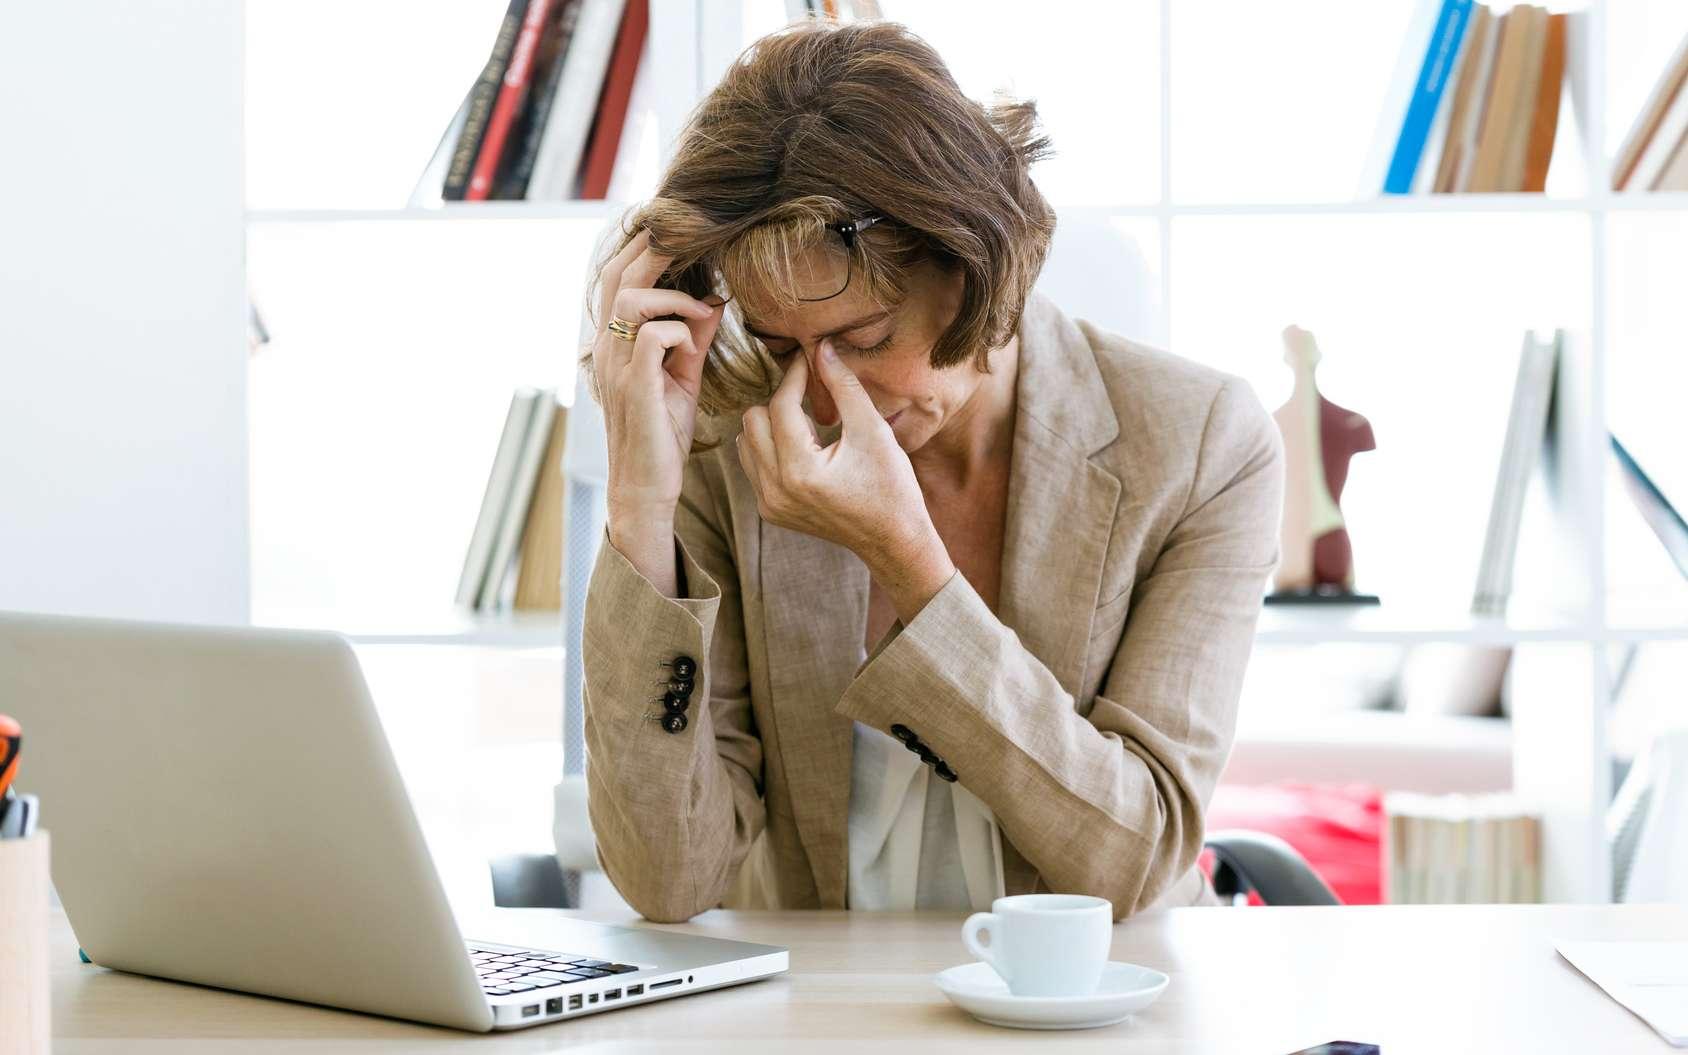 Si vous avez tendance à faire des migraines, ne buvez pas plus de deux tasses de café par jour. © nenetus, Fotolia